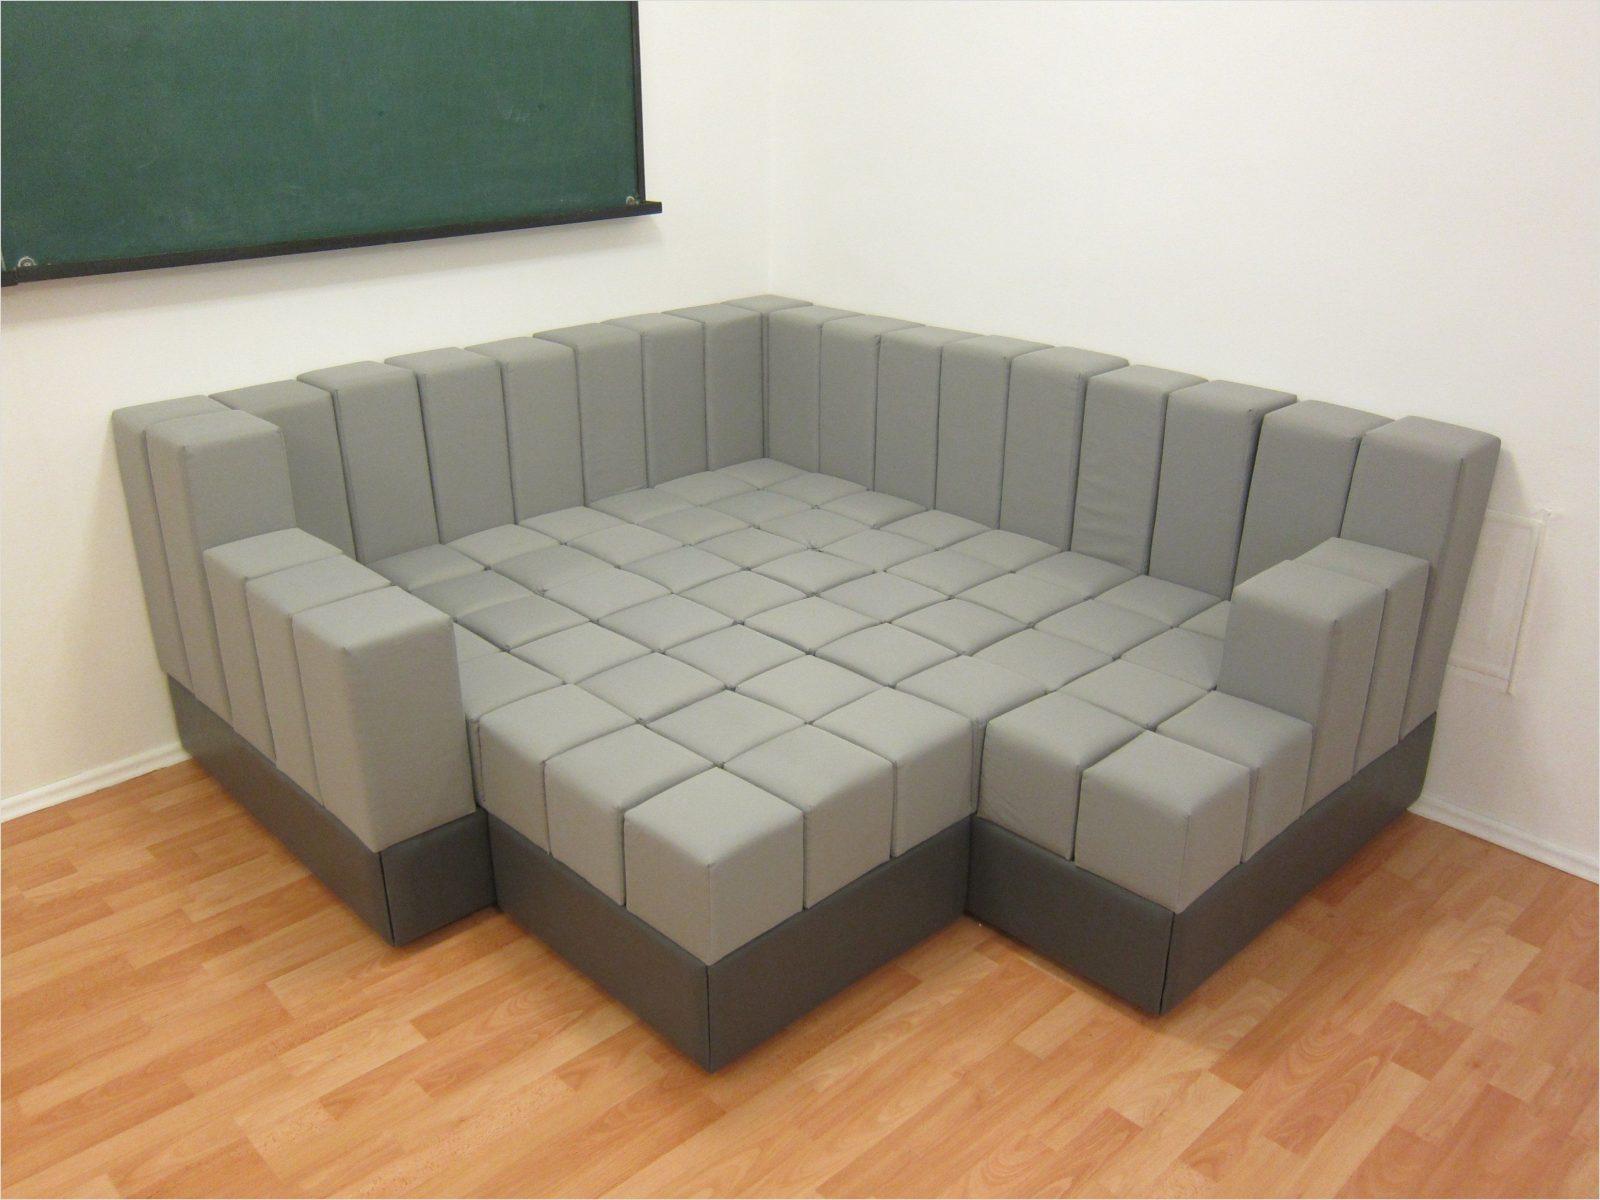 Sofa Selber Bauen Polster Terrific Galerie Um Sofa Selber Bauen von Couch Selber Bauen Polsterung Bild